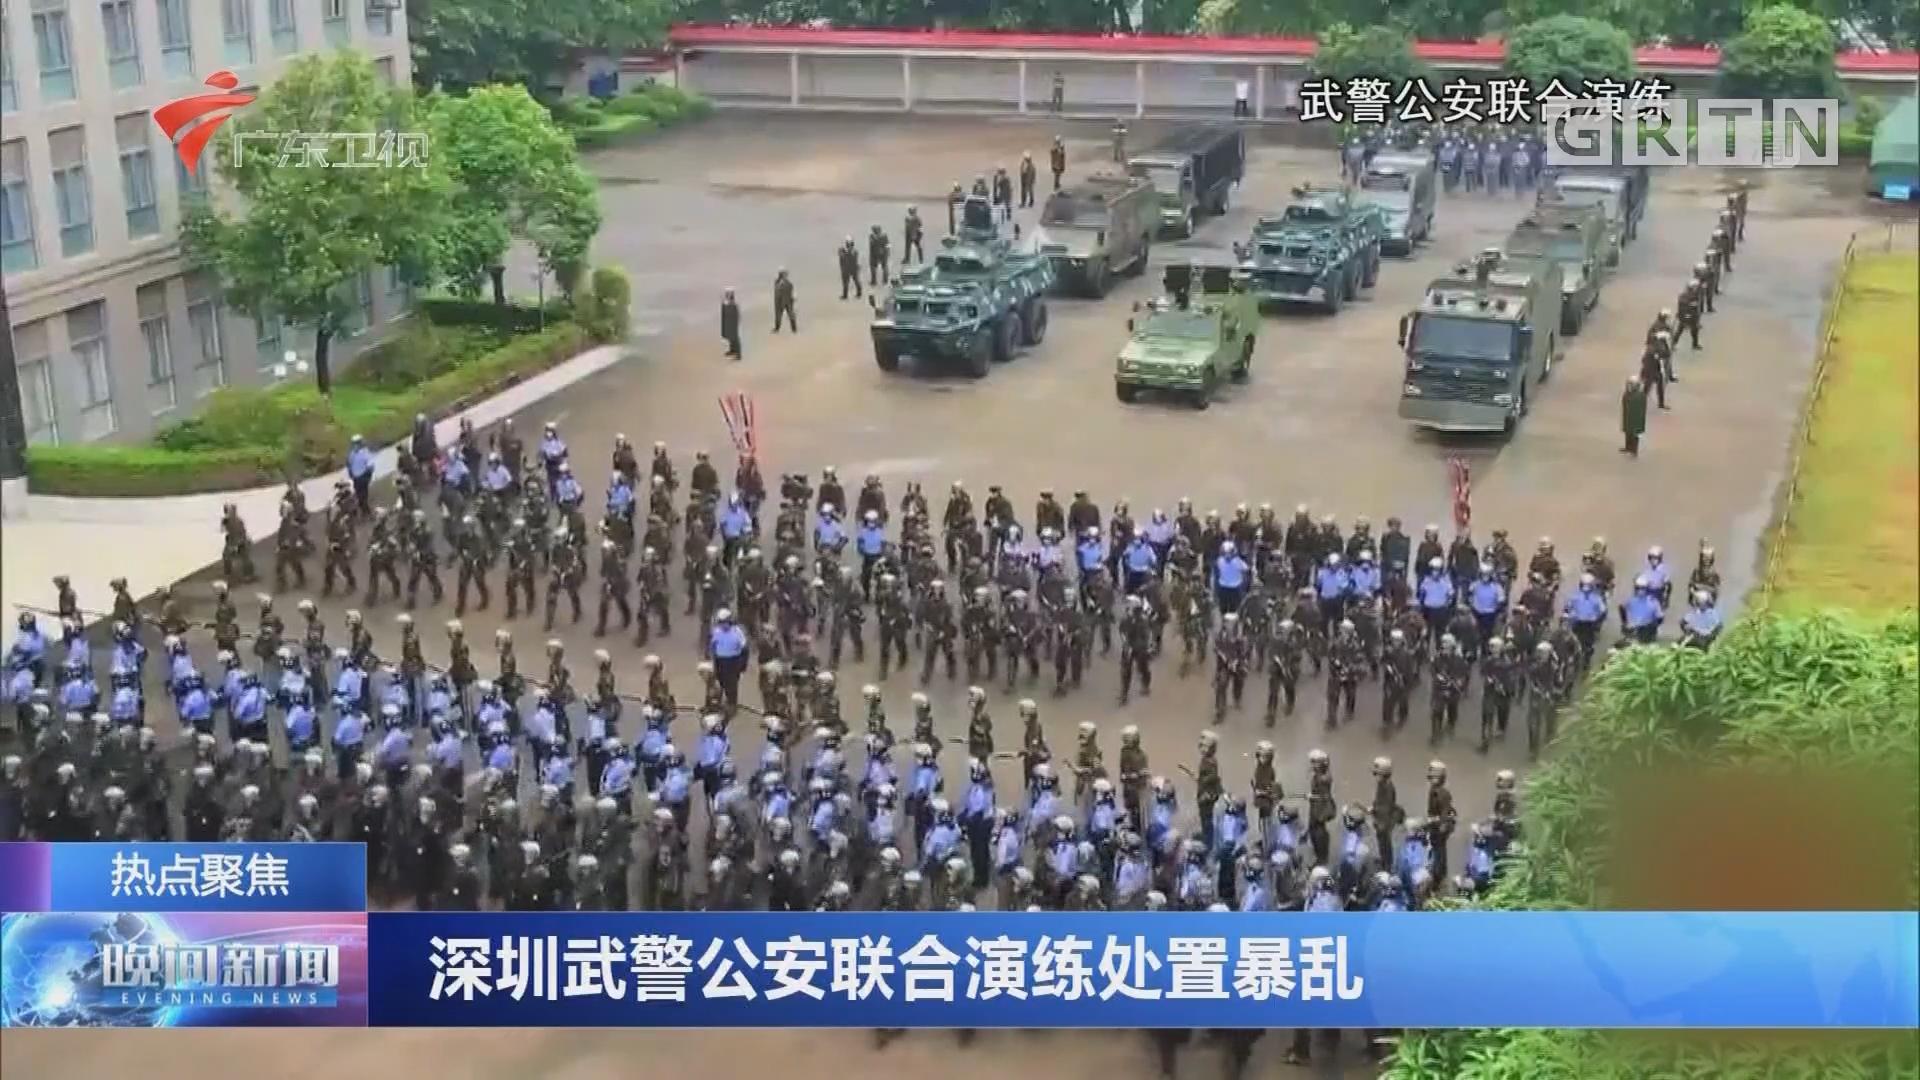 深圳武警公安联合演练处置暴乱